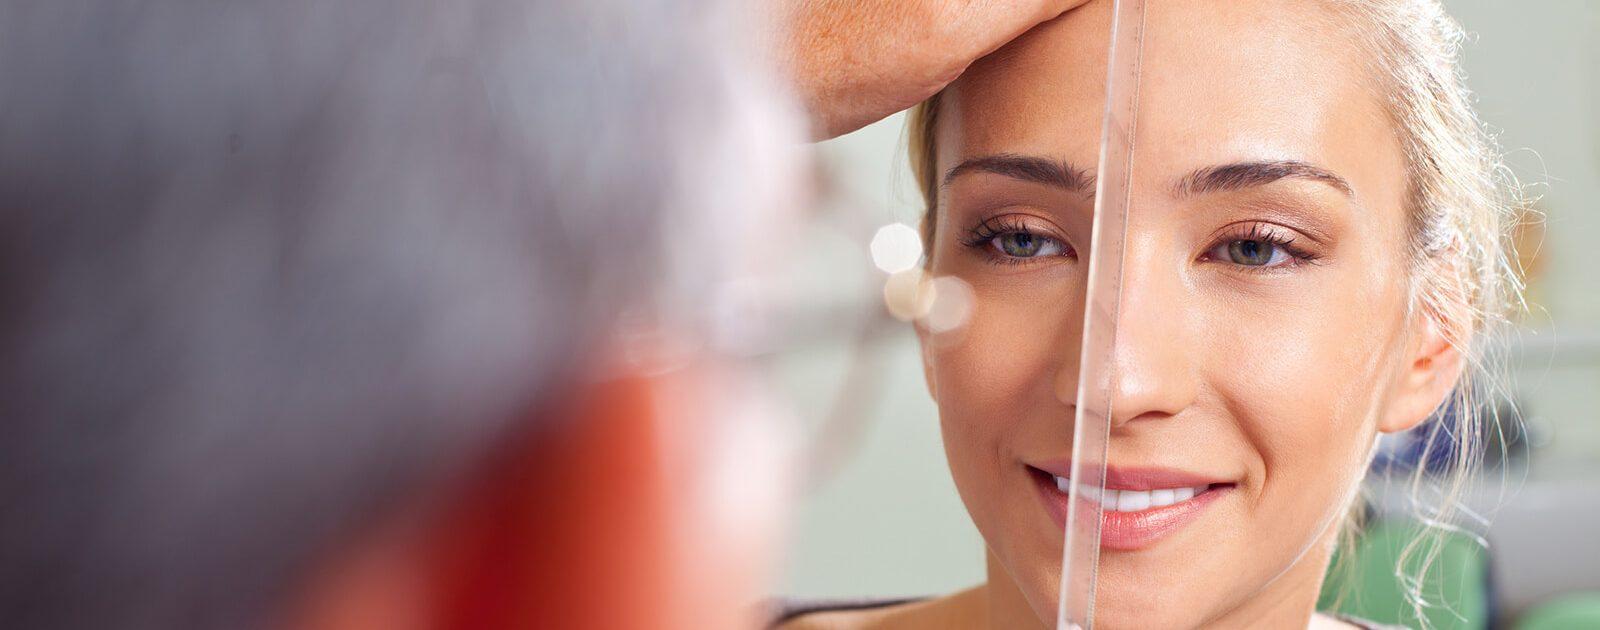 HNO-Arzt untersucht Nasenscheidewand von Patientin